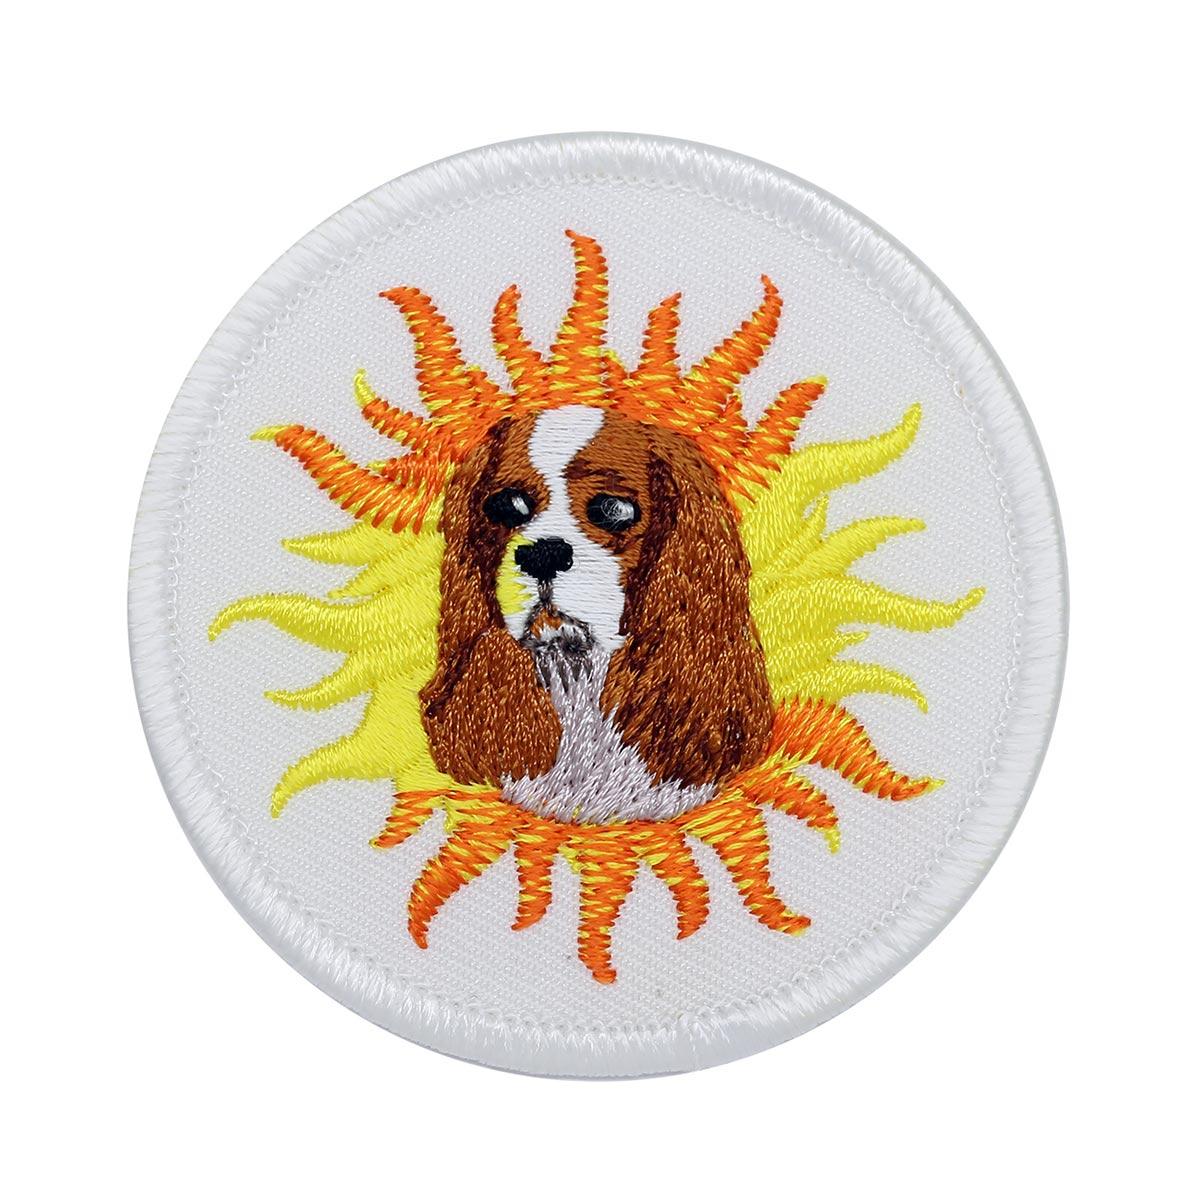 AD1010 Термоаппликация 'Солнечный пёс', d 6 см, Hobby&Pro